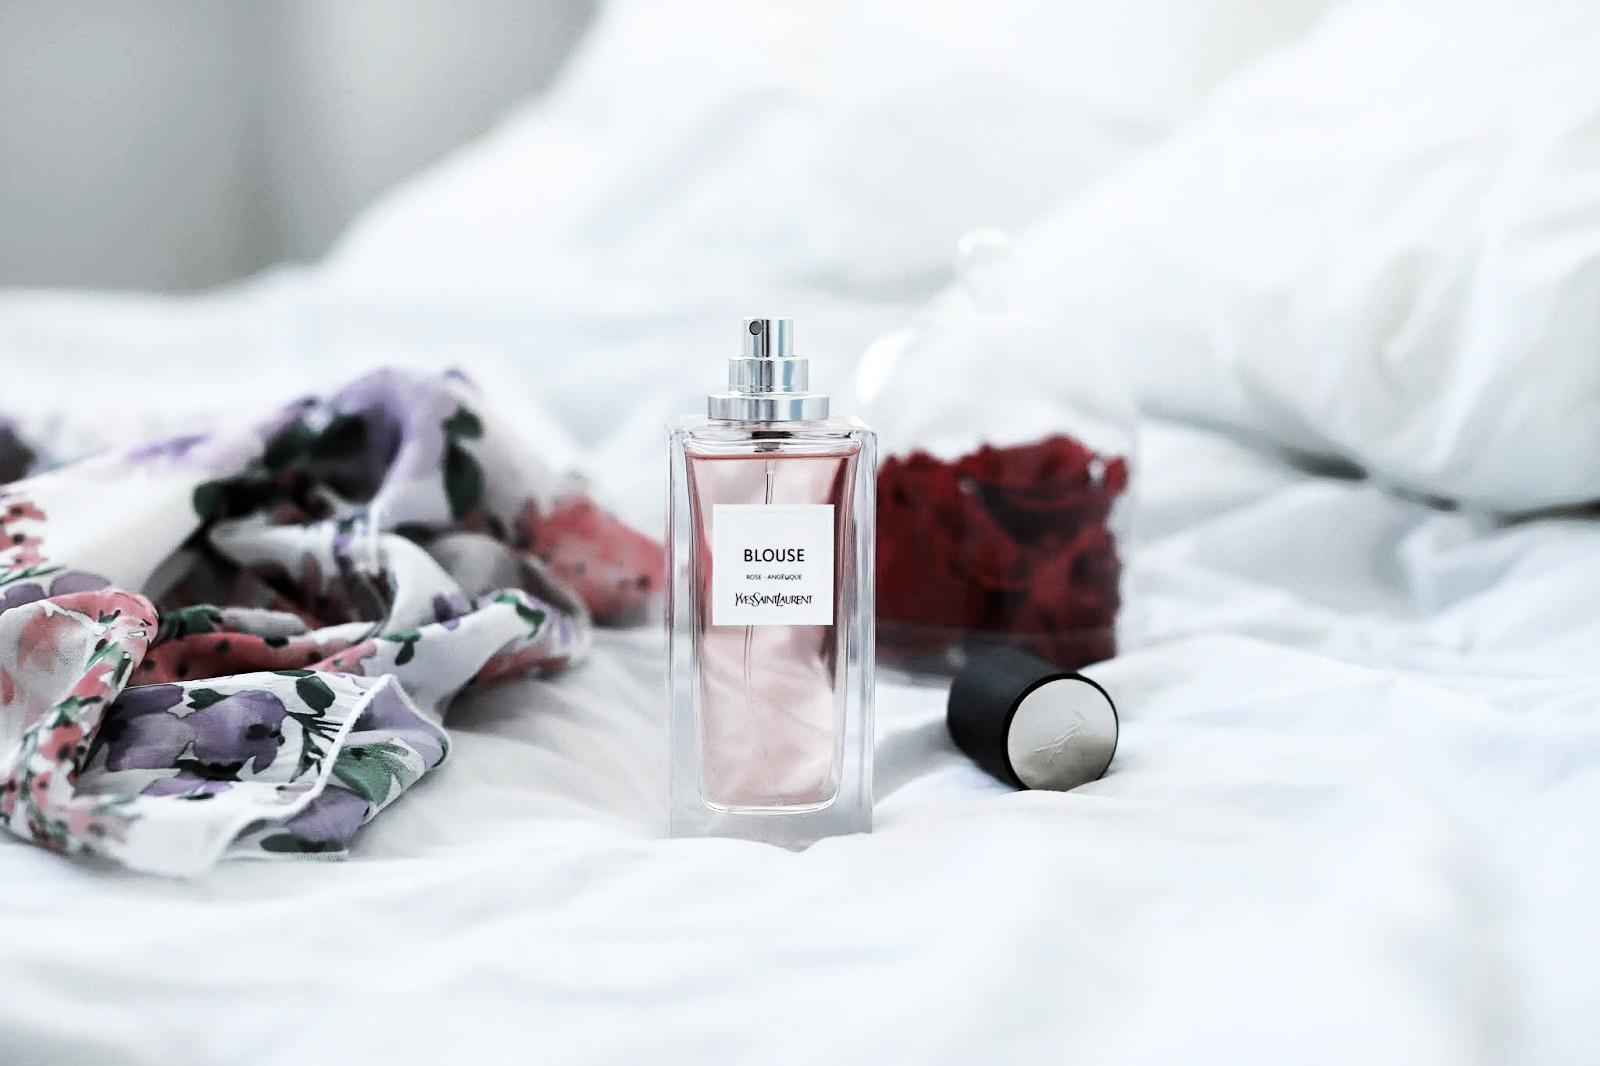 ysl yves saint laurent le vestiaire bliuse parfum avis test critique